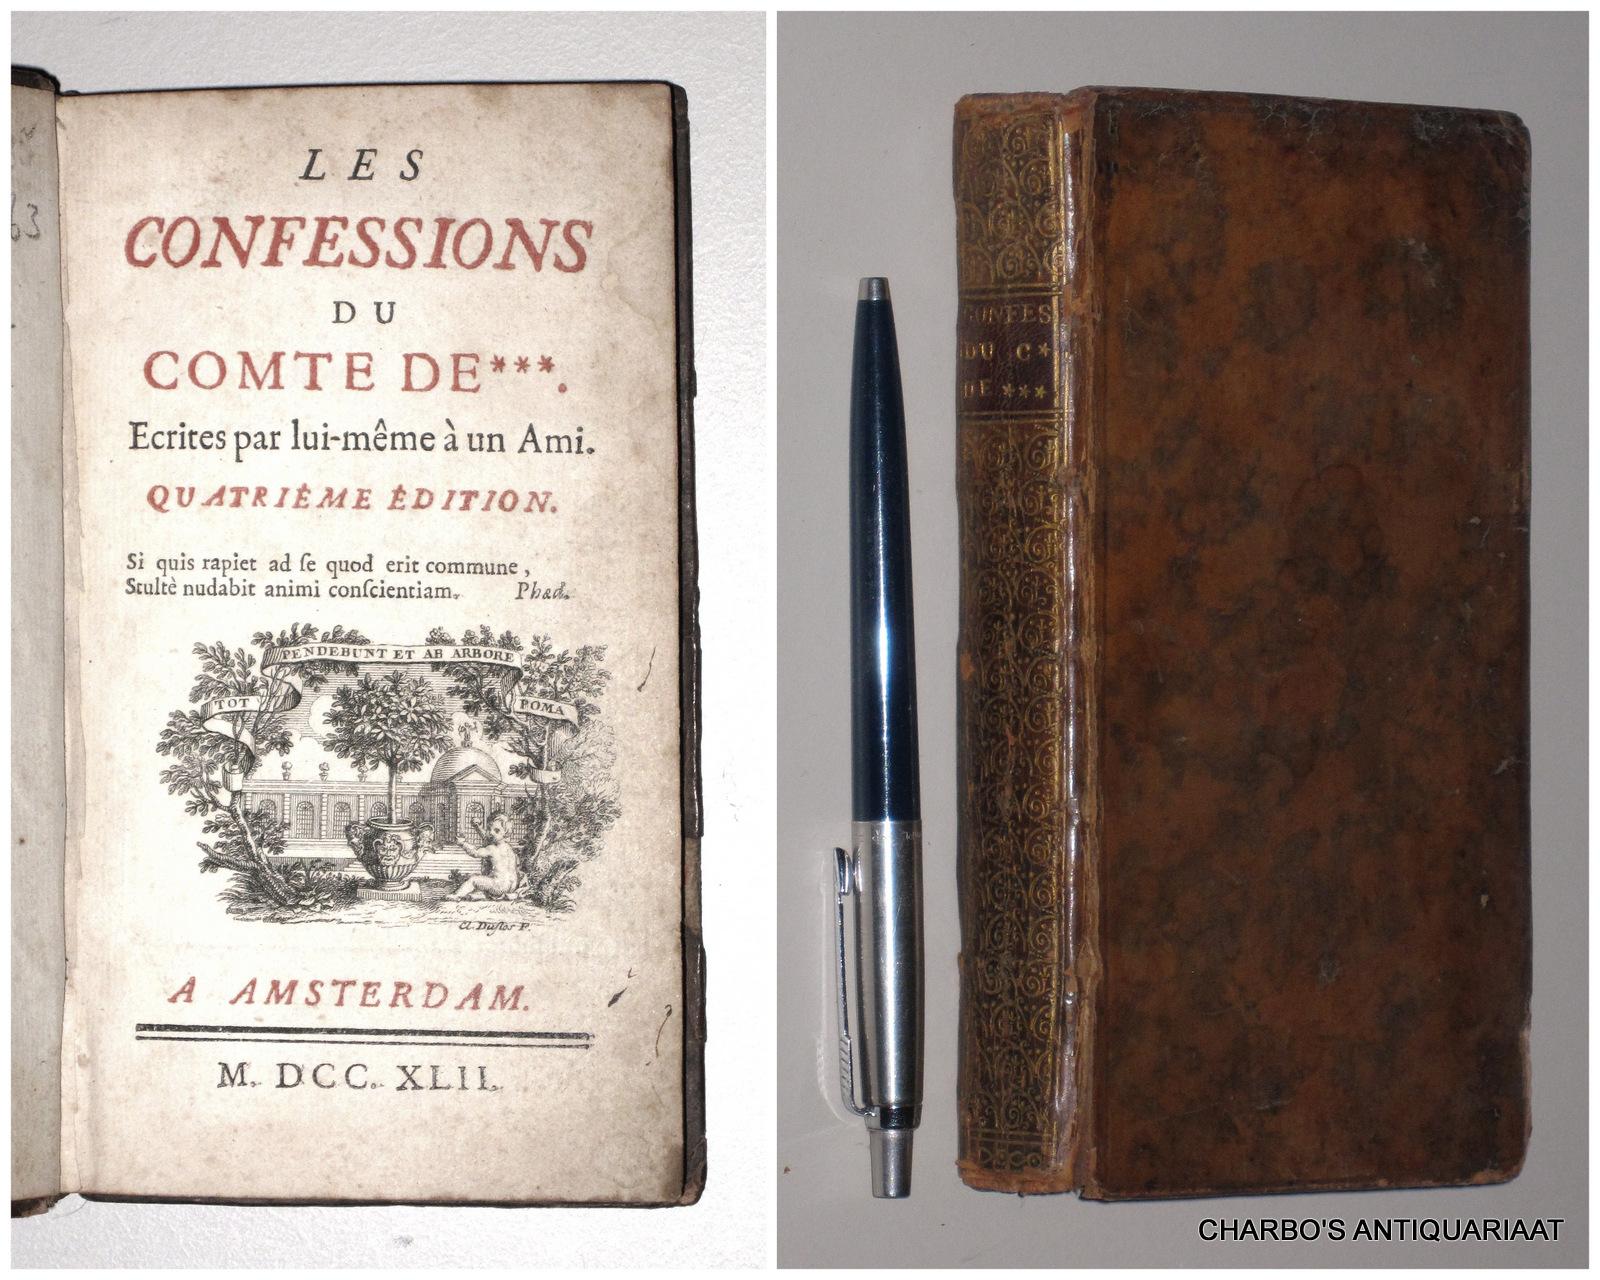 DUCLOS, CHARLES PINOT (ANON. PUBL.), -  Les confessions du comte de ***. Ecrites par lui-même à un ami.